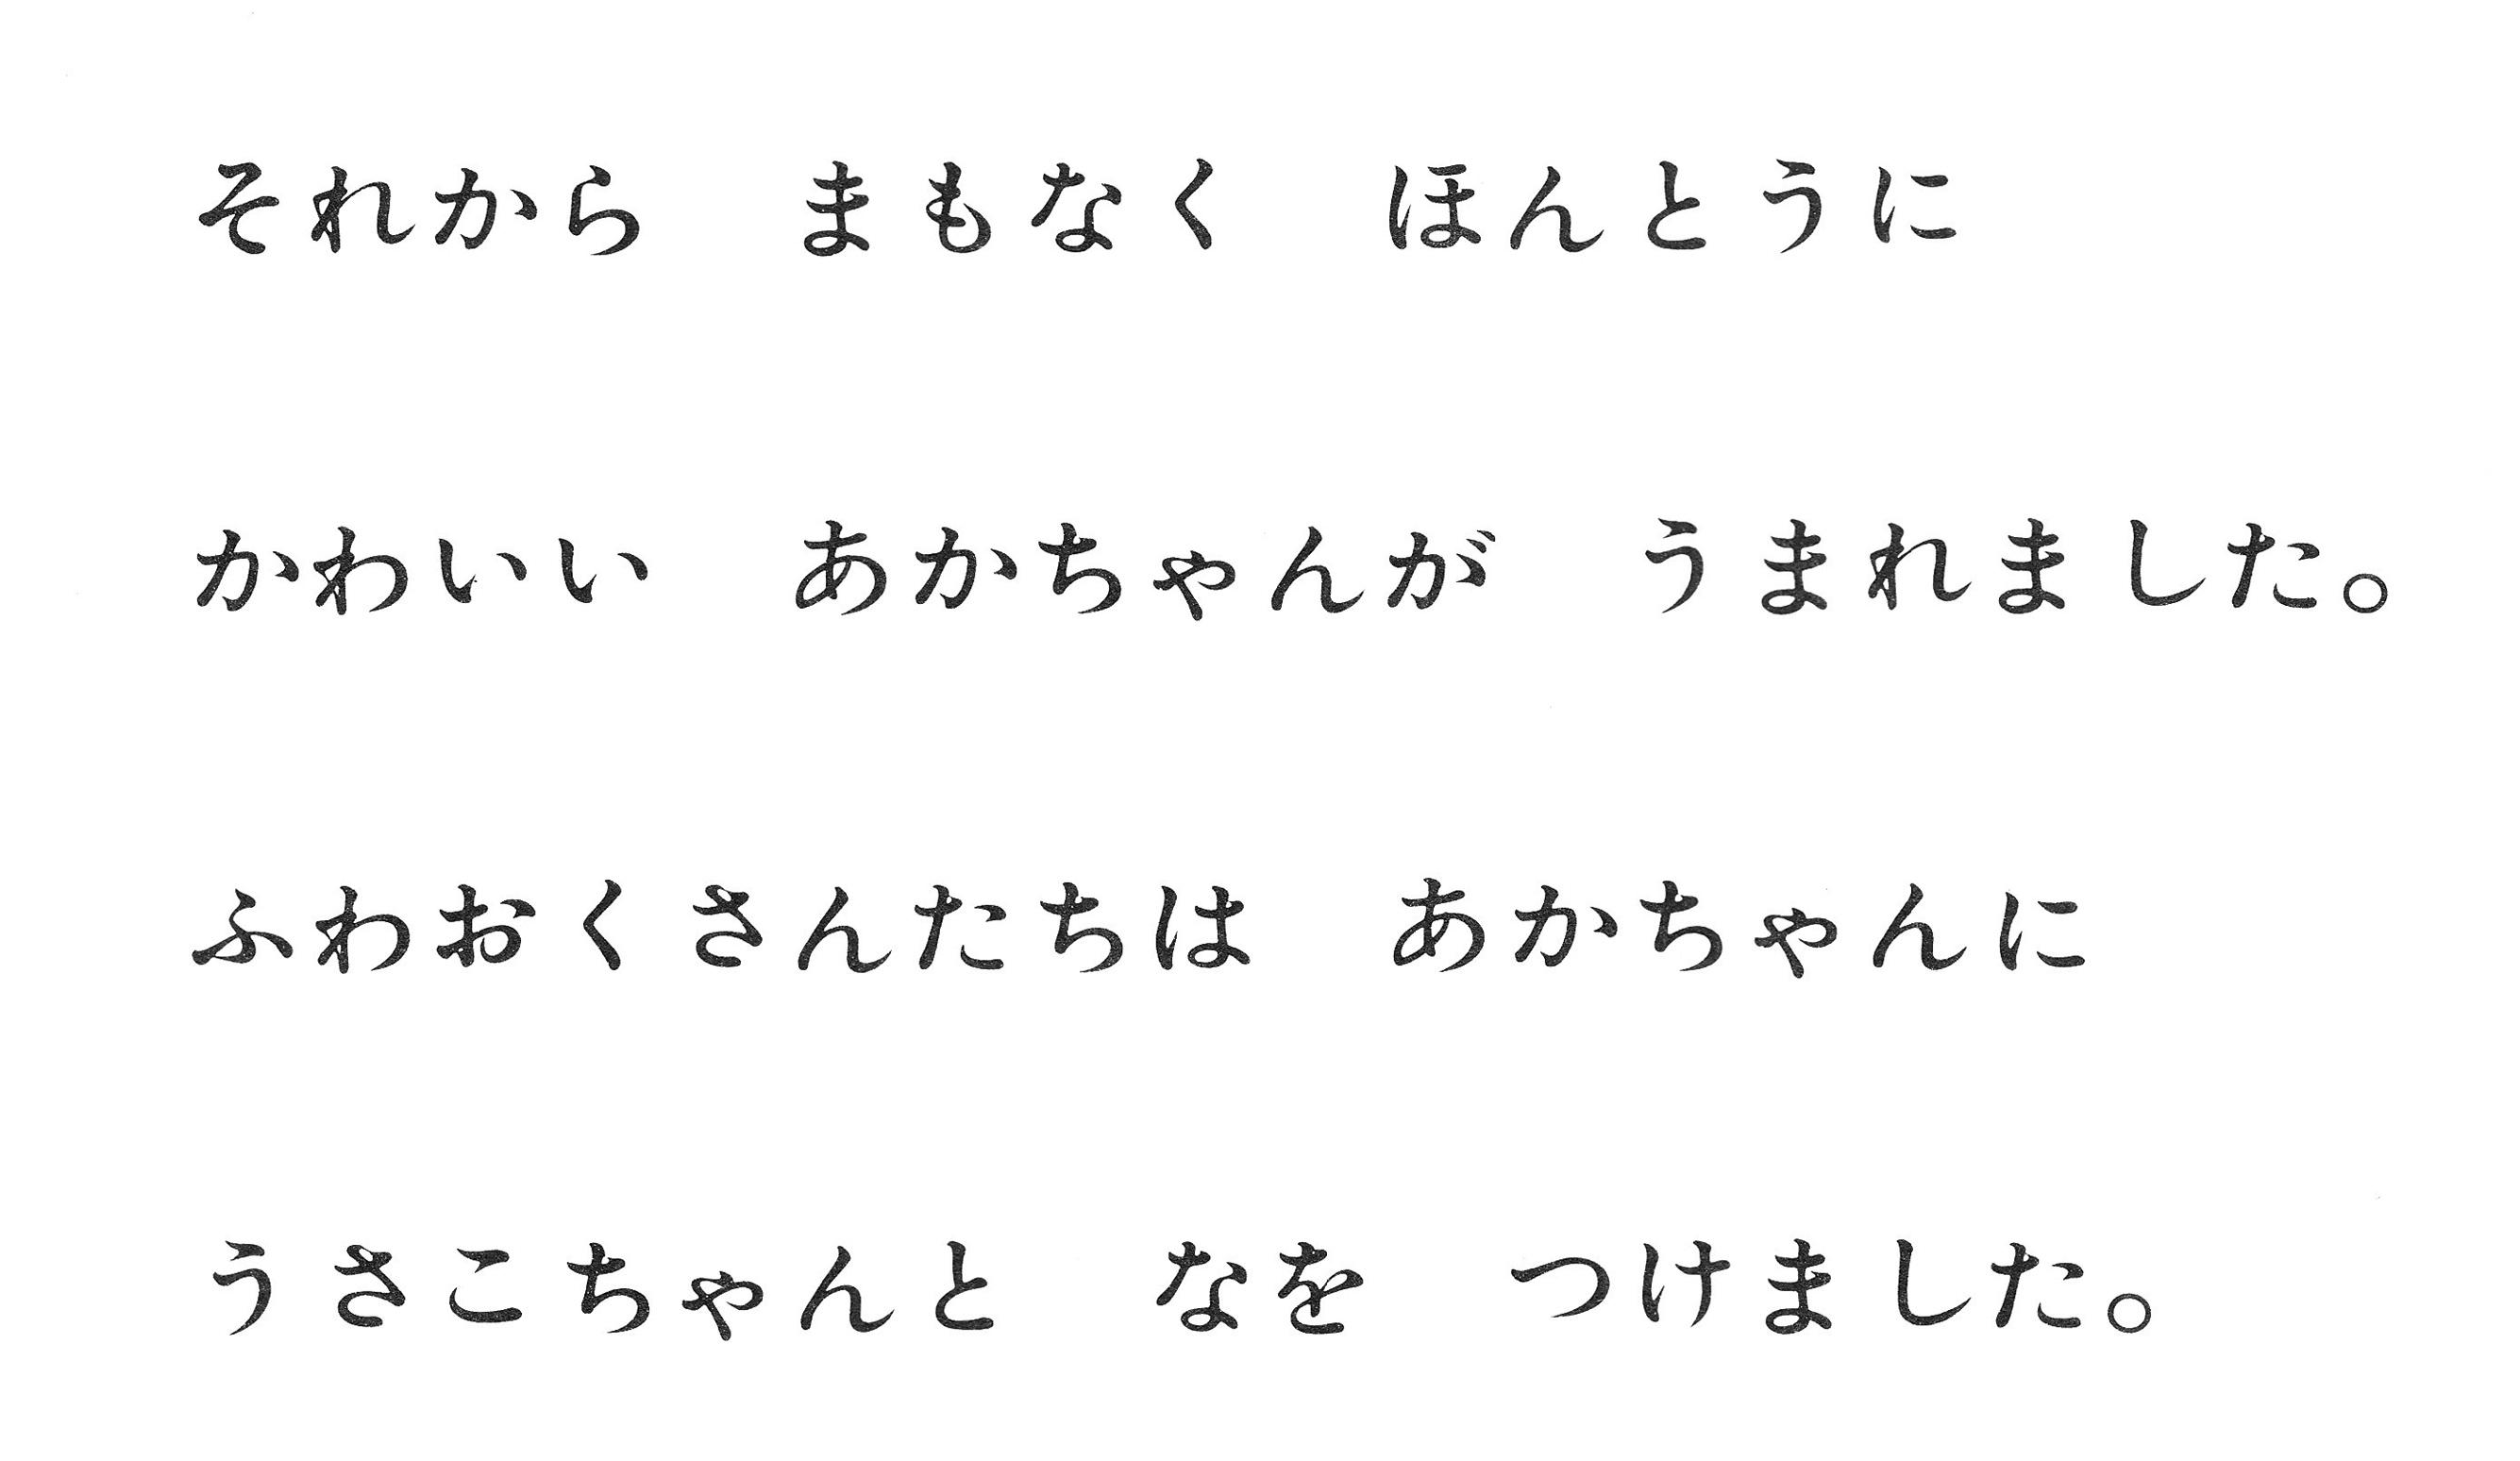 11_ちいさなうさこちゃん_旧版_t.jpg